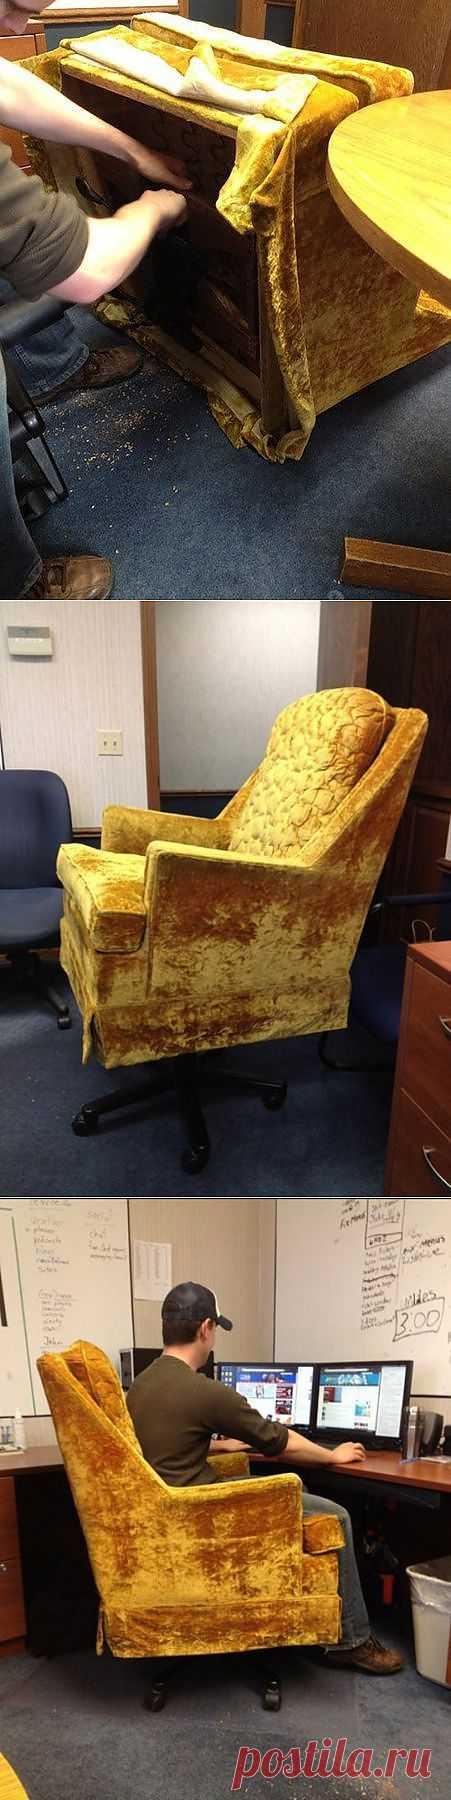 (+1) - Полушуточная самоделка: офисное кресло своими руками | МАСТЕРА